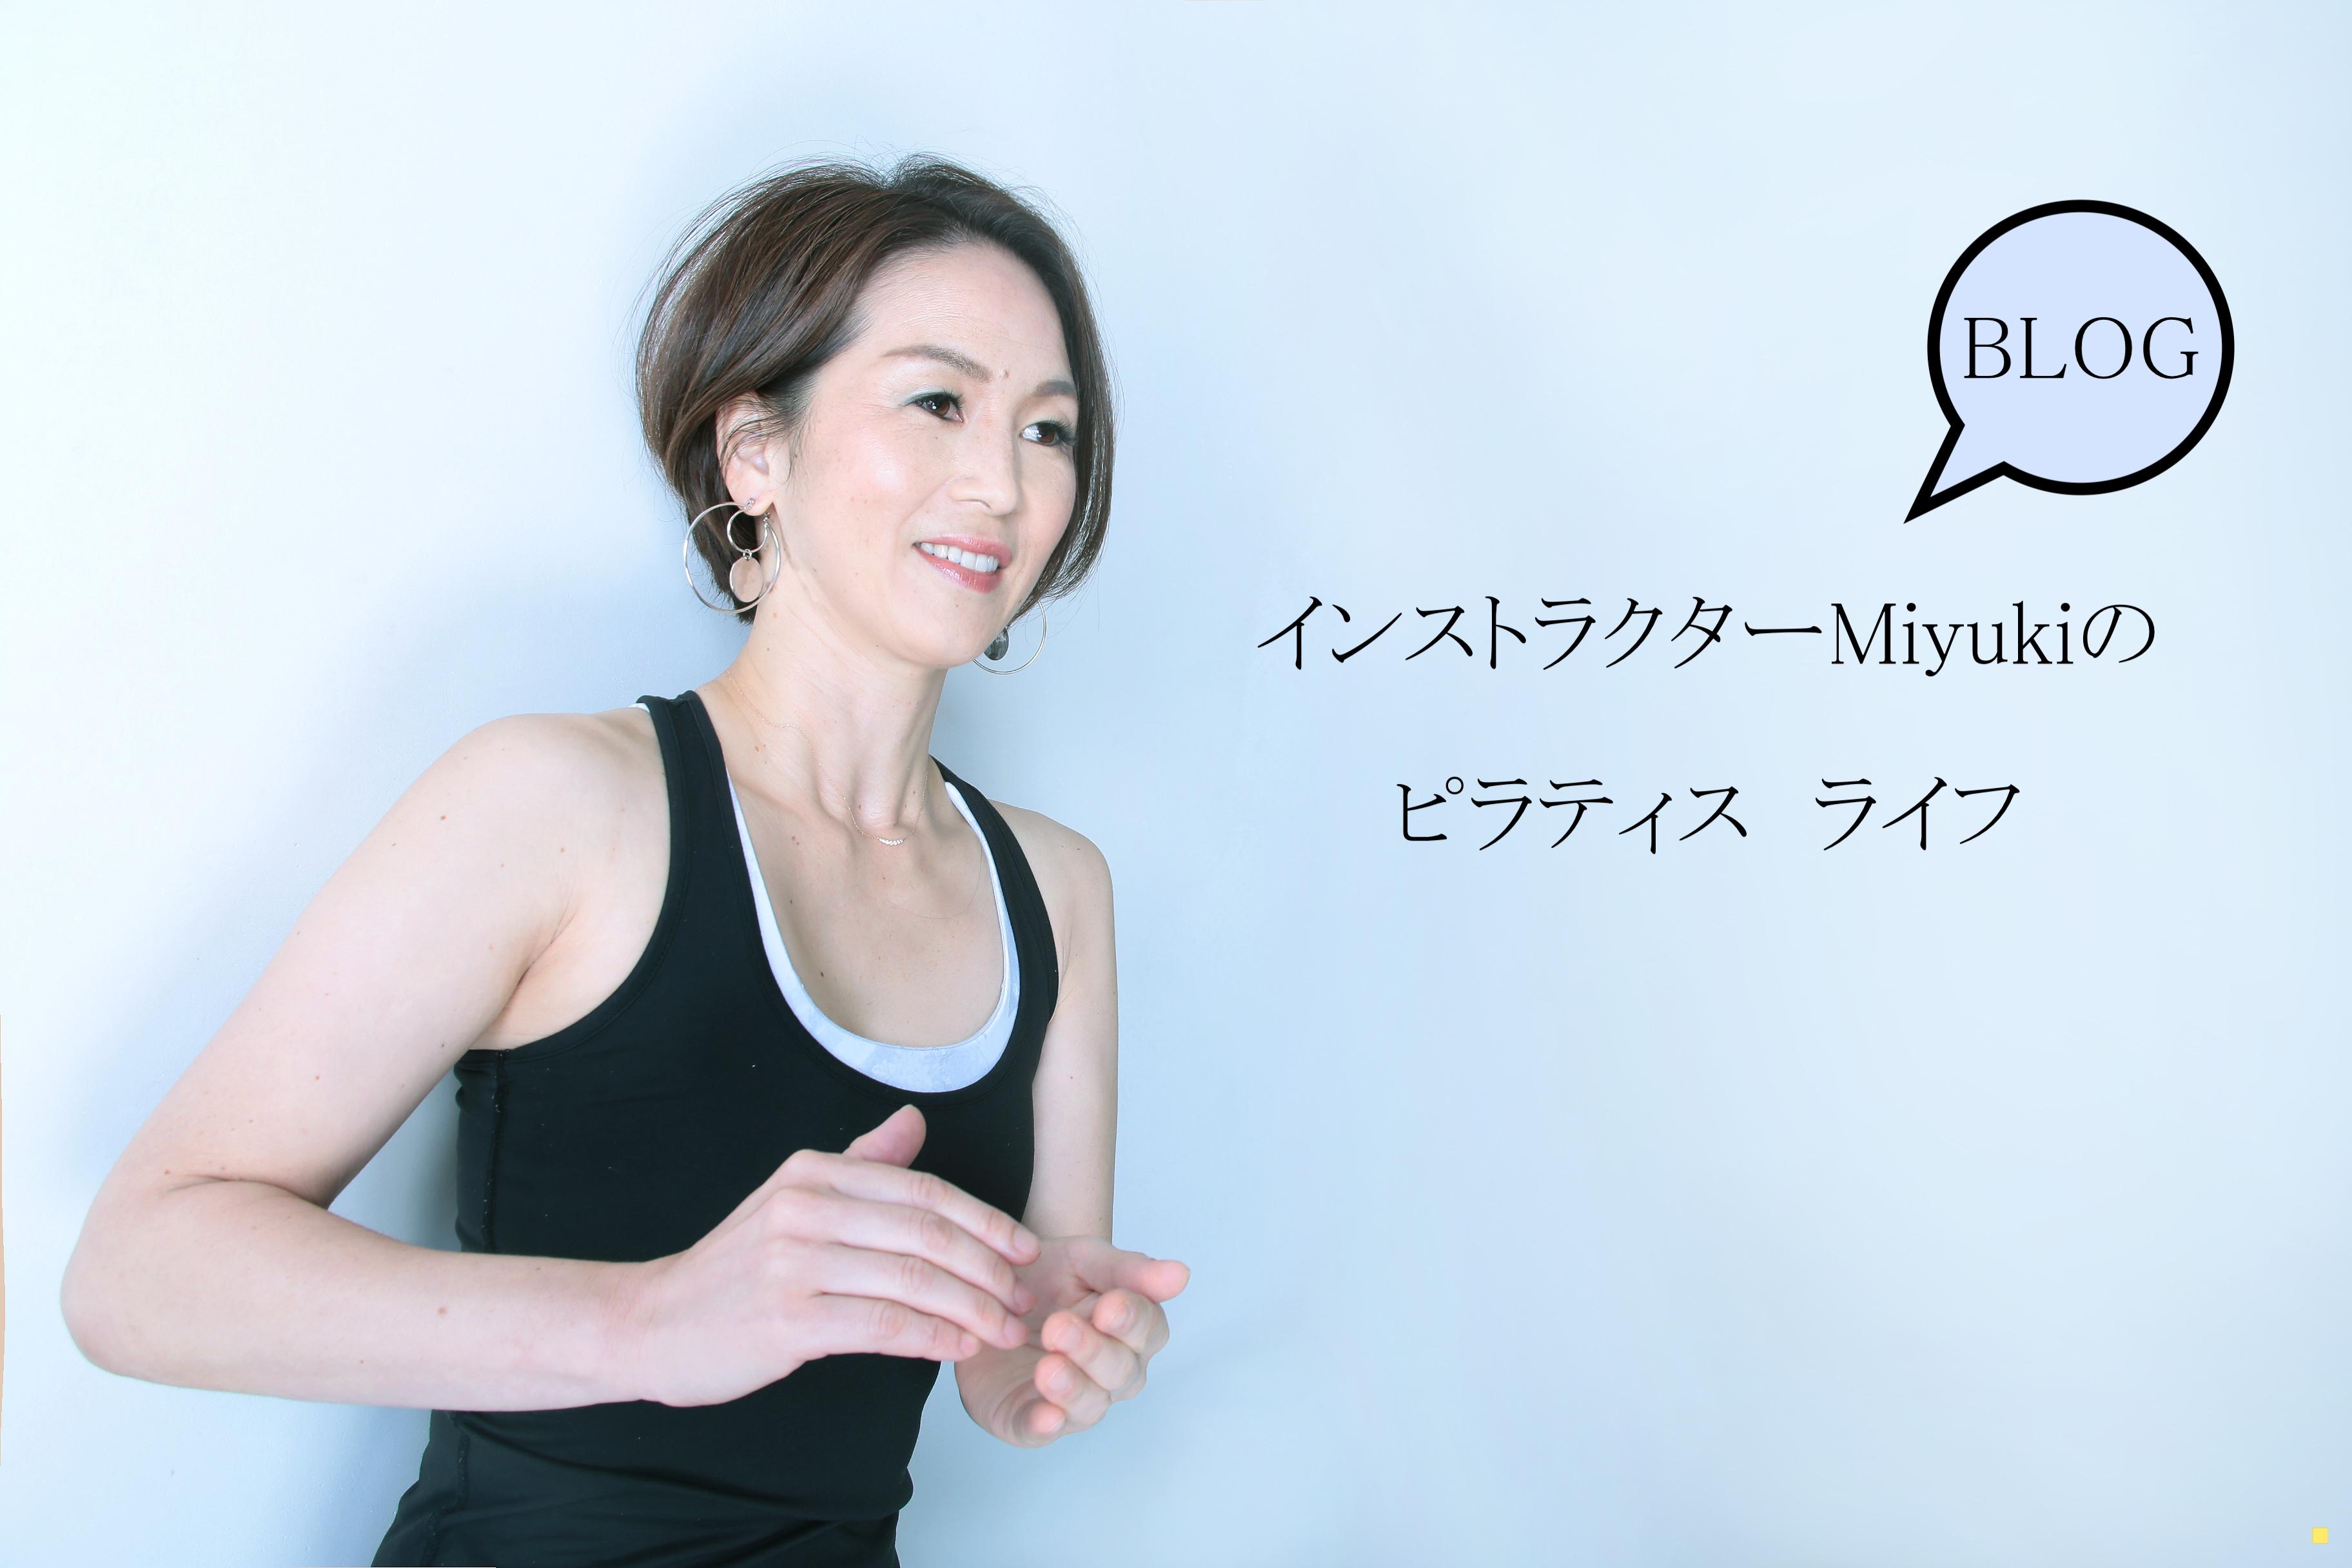 インストラクターMiyukiのピラティスライフ